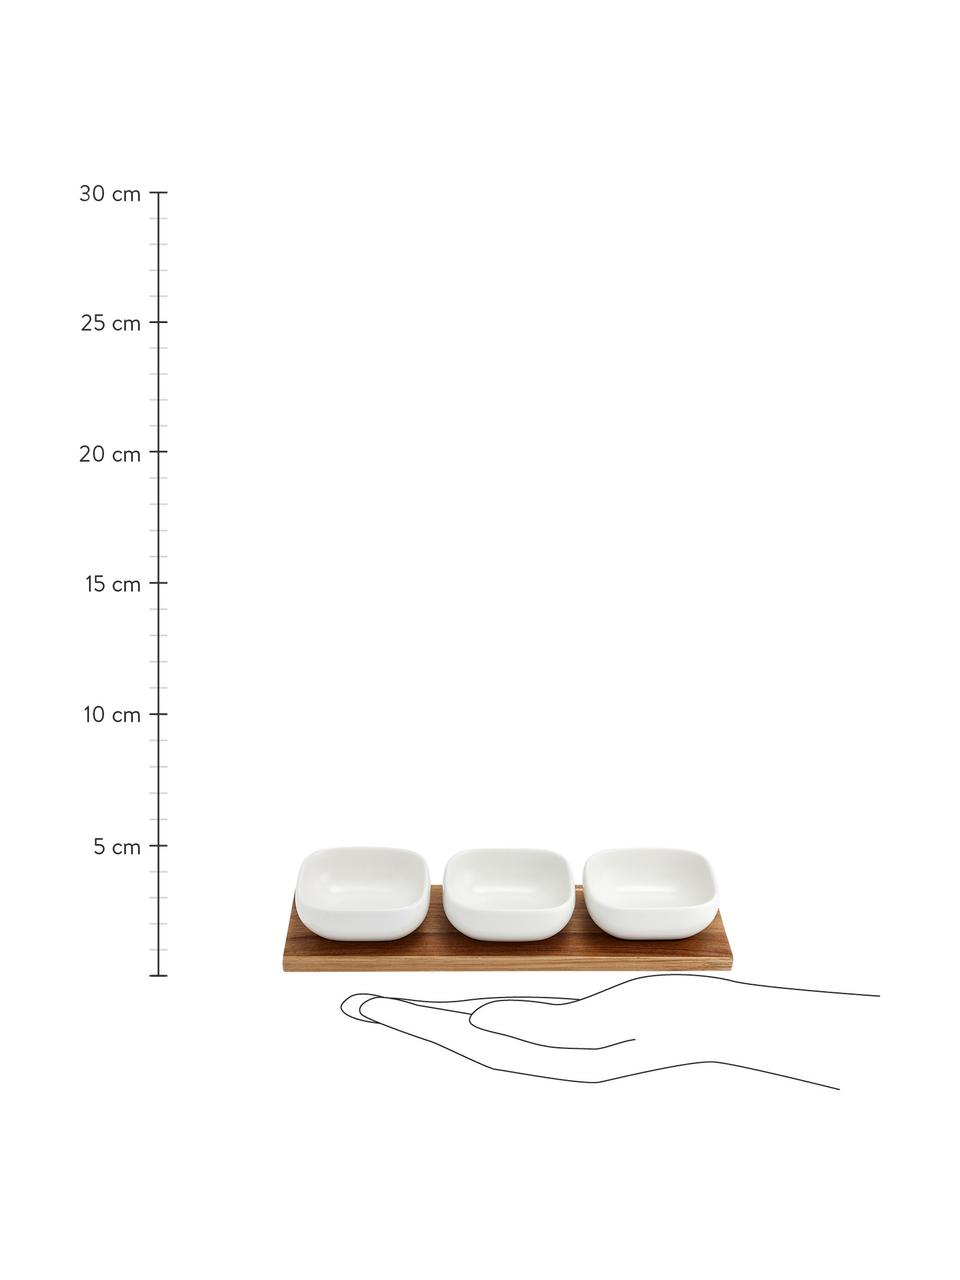 Komplet miseczek do dipów z porcelany i drewna akacjowego Essentials, 4 elem., Porcelana, drewno akacjowe, Biały, drewno akacjowe, Komplet z różnymi rozmiarami